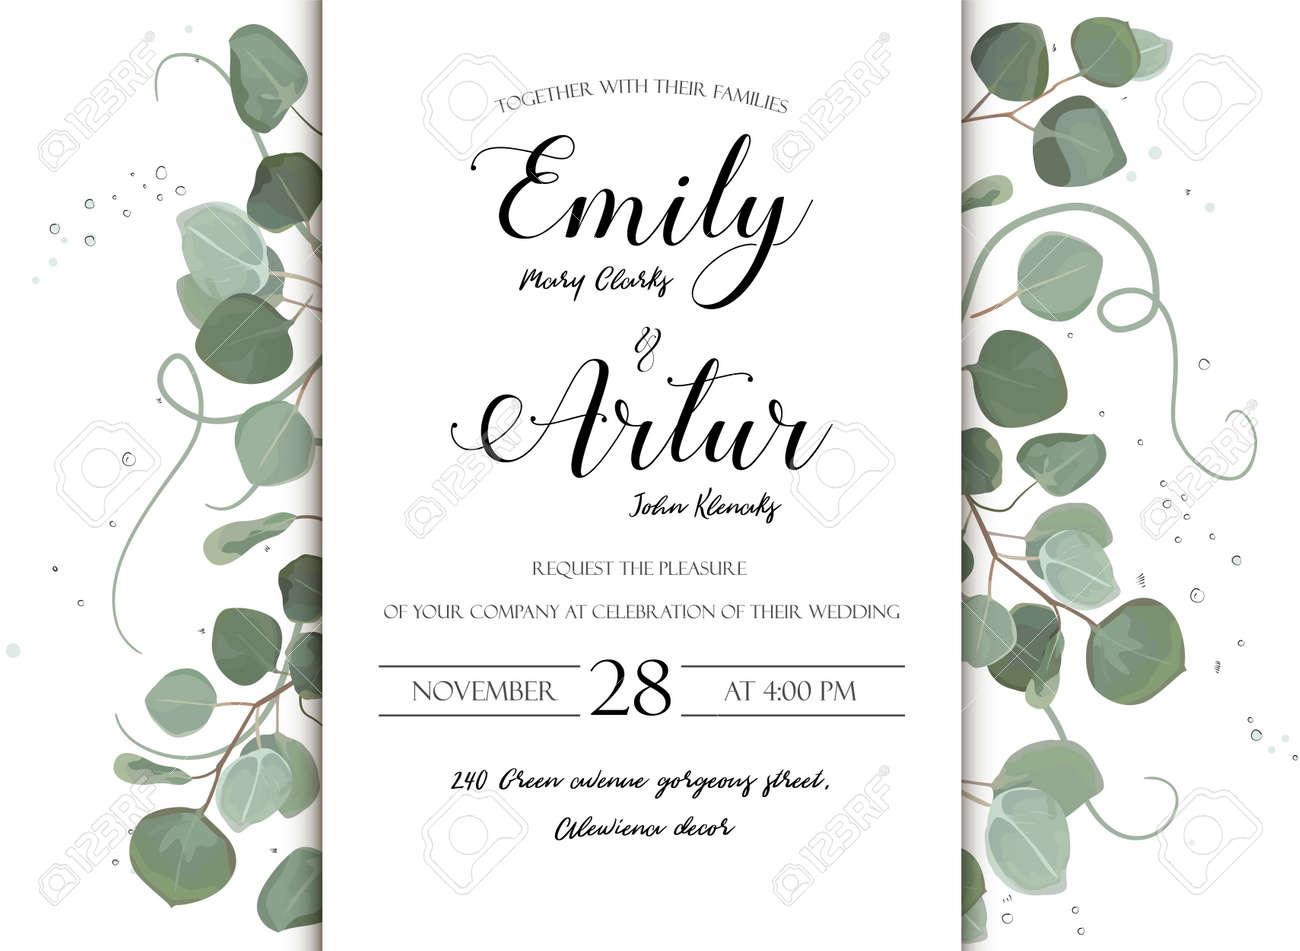 Boda Floral Dibujado A Mano Invitar Diseño De Tarjeta De Invitación Eucalipto Dólar De Plata Rama Verde Hojas Naturales Estilo Acuarela Rústico